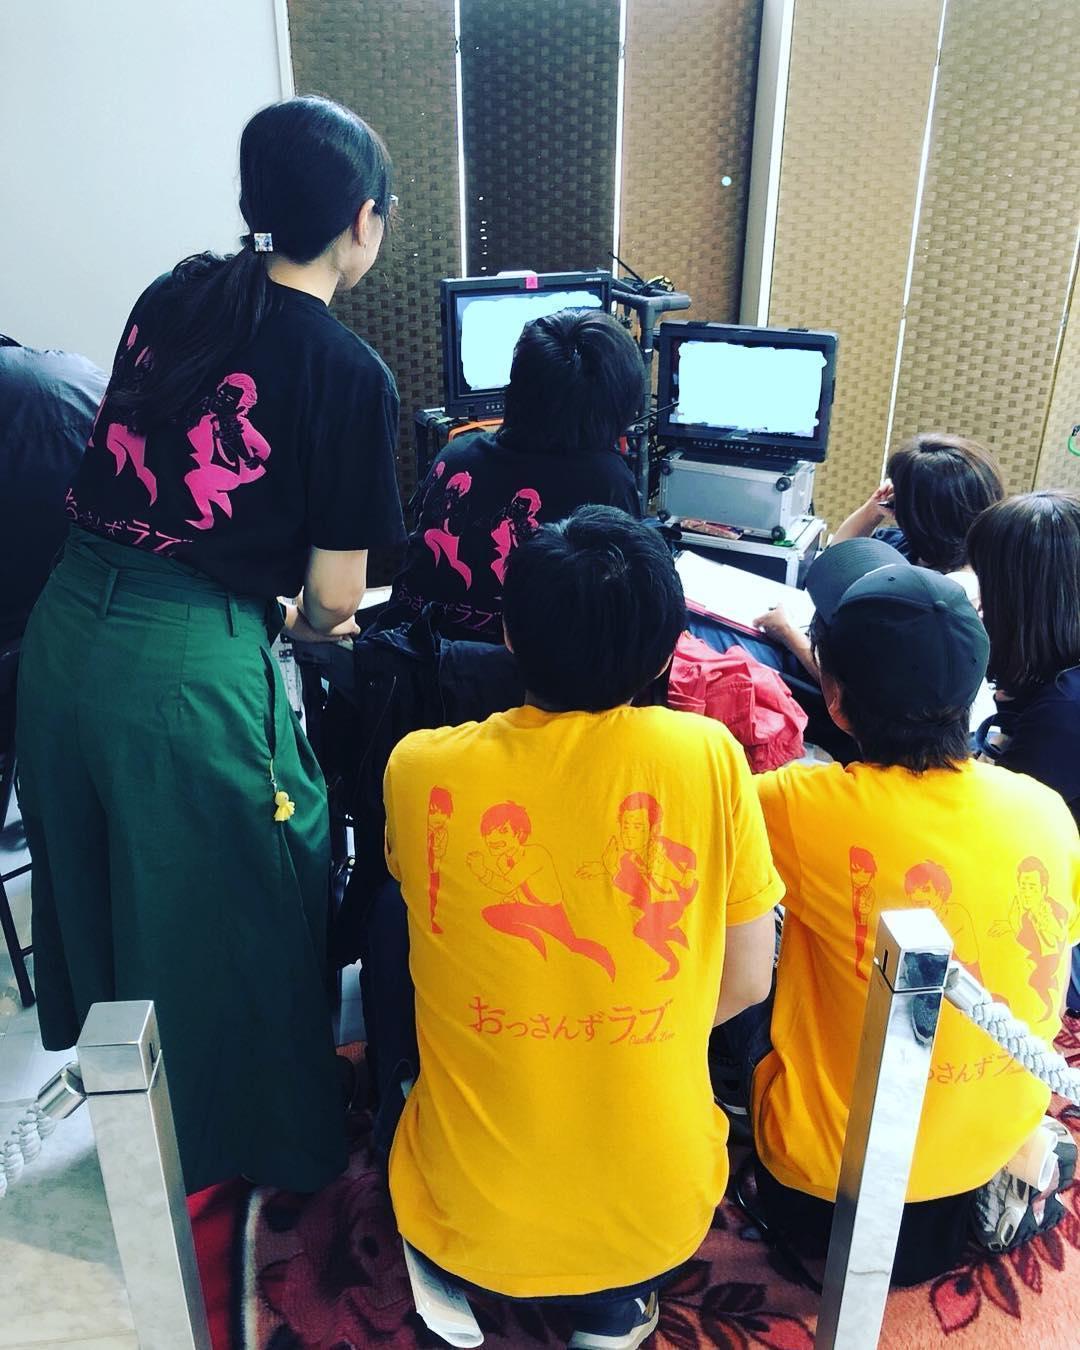 田中圭自掏腰包製作《大叔的愛》T恤送給劇組演員與工作人員。(翻攝自大叔的愛ig)